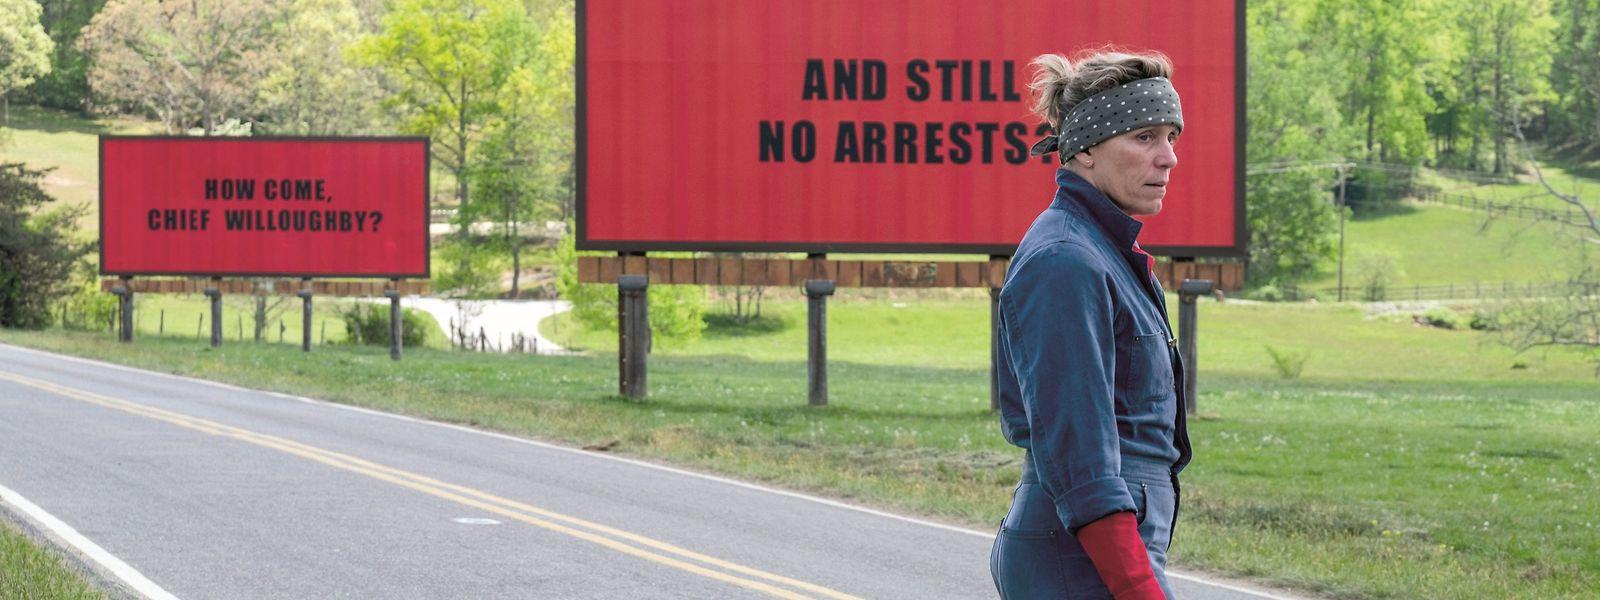 Mit drei riesigen Anzeigetafeln als stumme Protestaktion mischt Mildred (Frances McDormand) die kleine Gemeinde in Missouri gehörig auf.